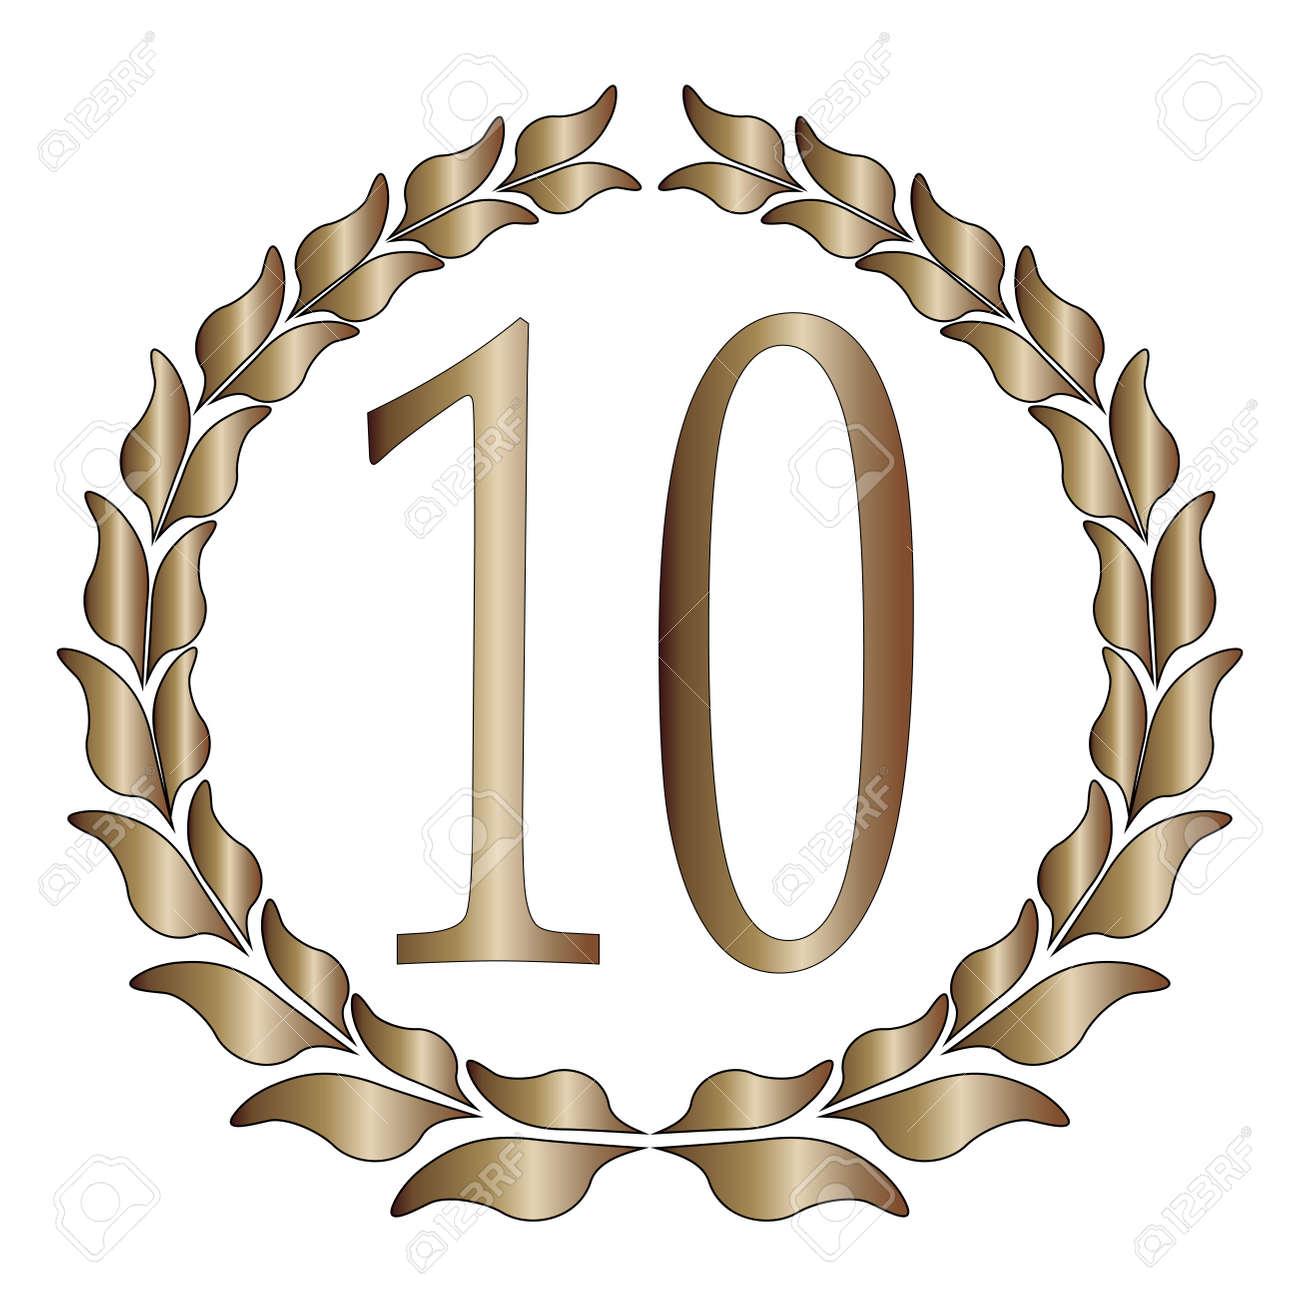 Ein 10 Jahriges Jubilaum Symbol Uber Einen Weissen Hintergrund